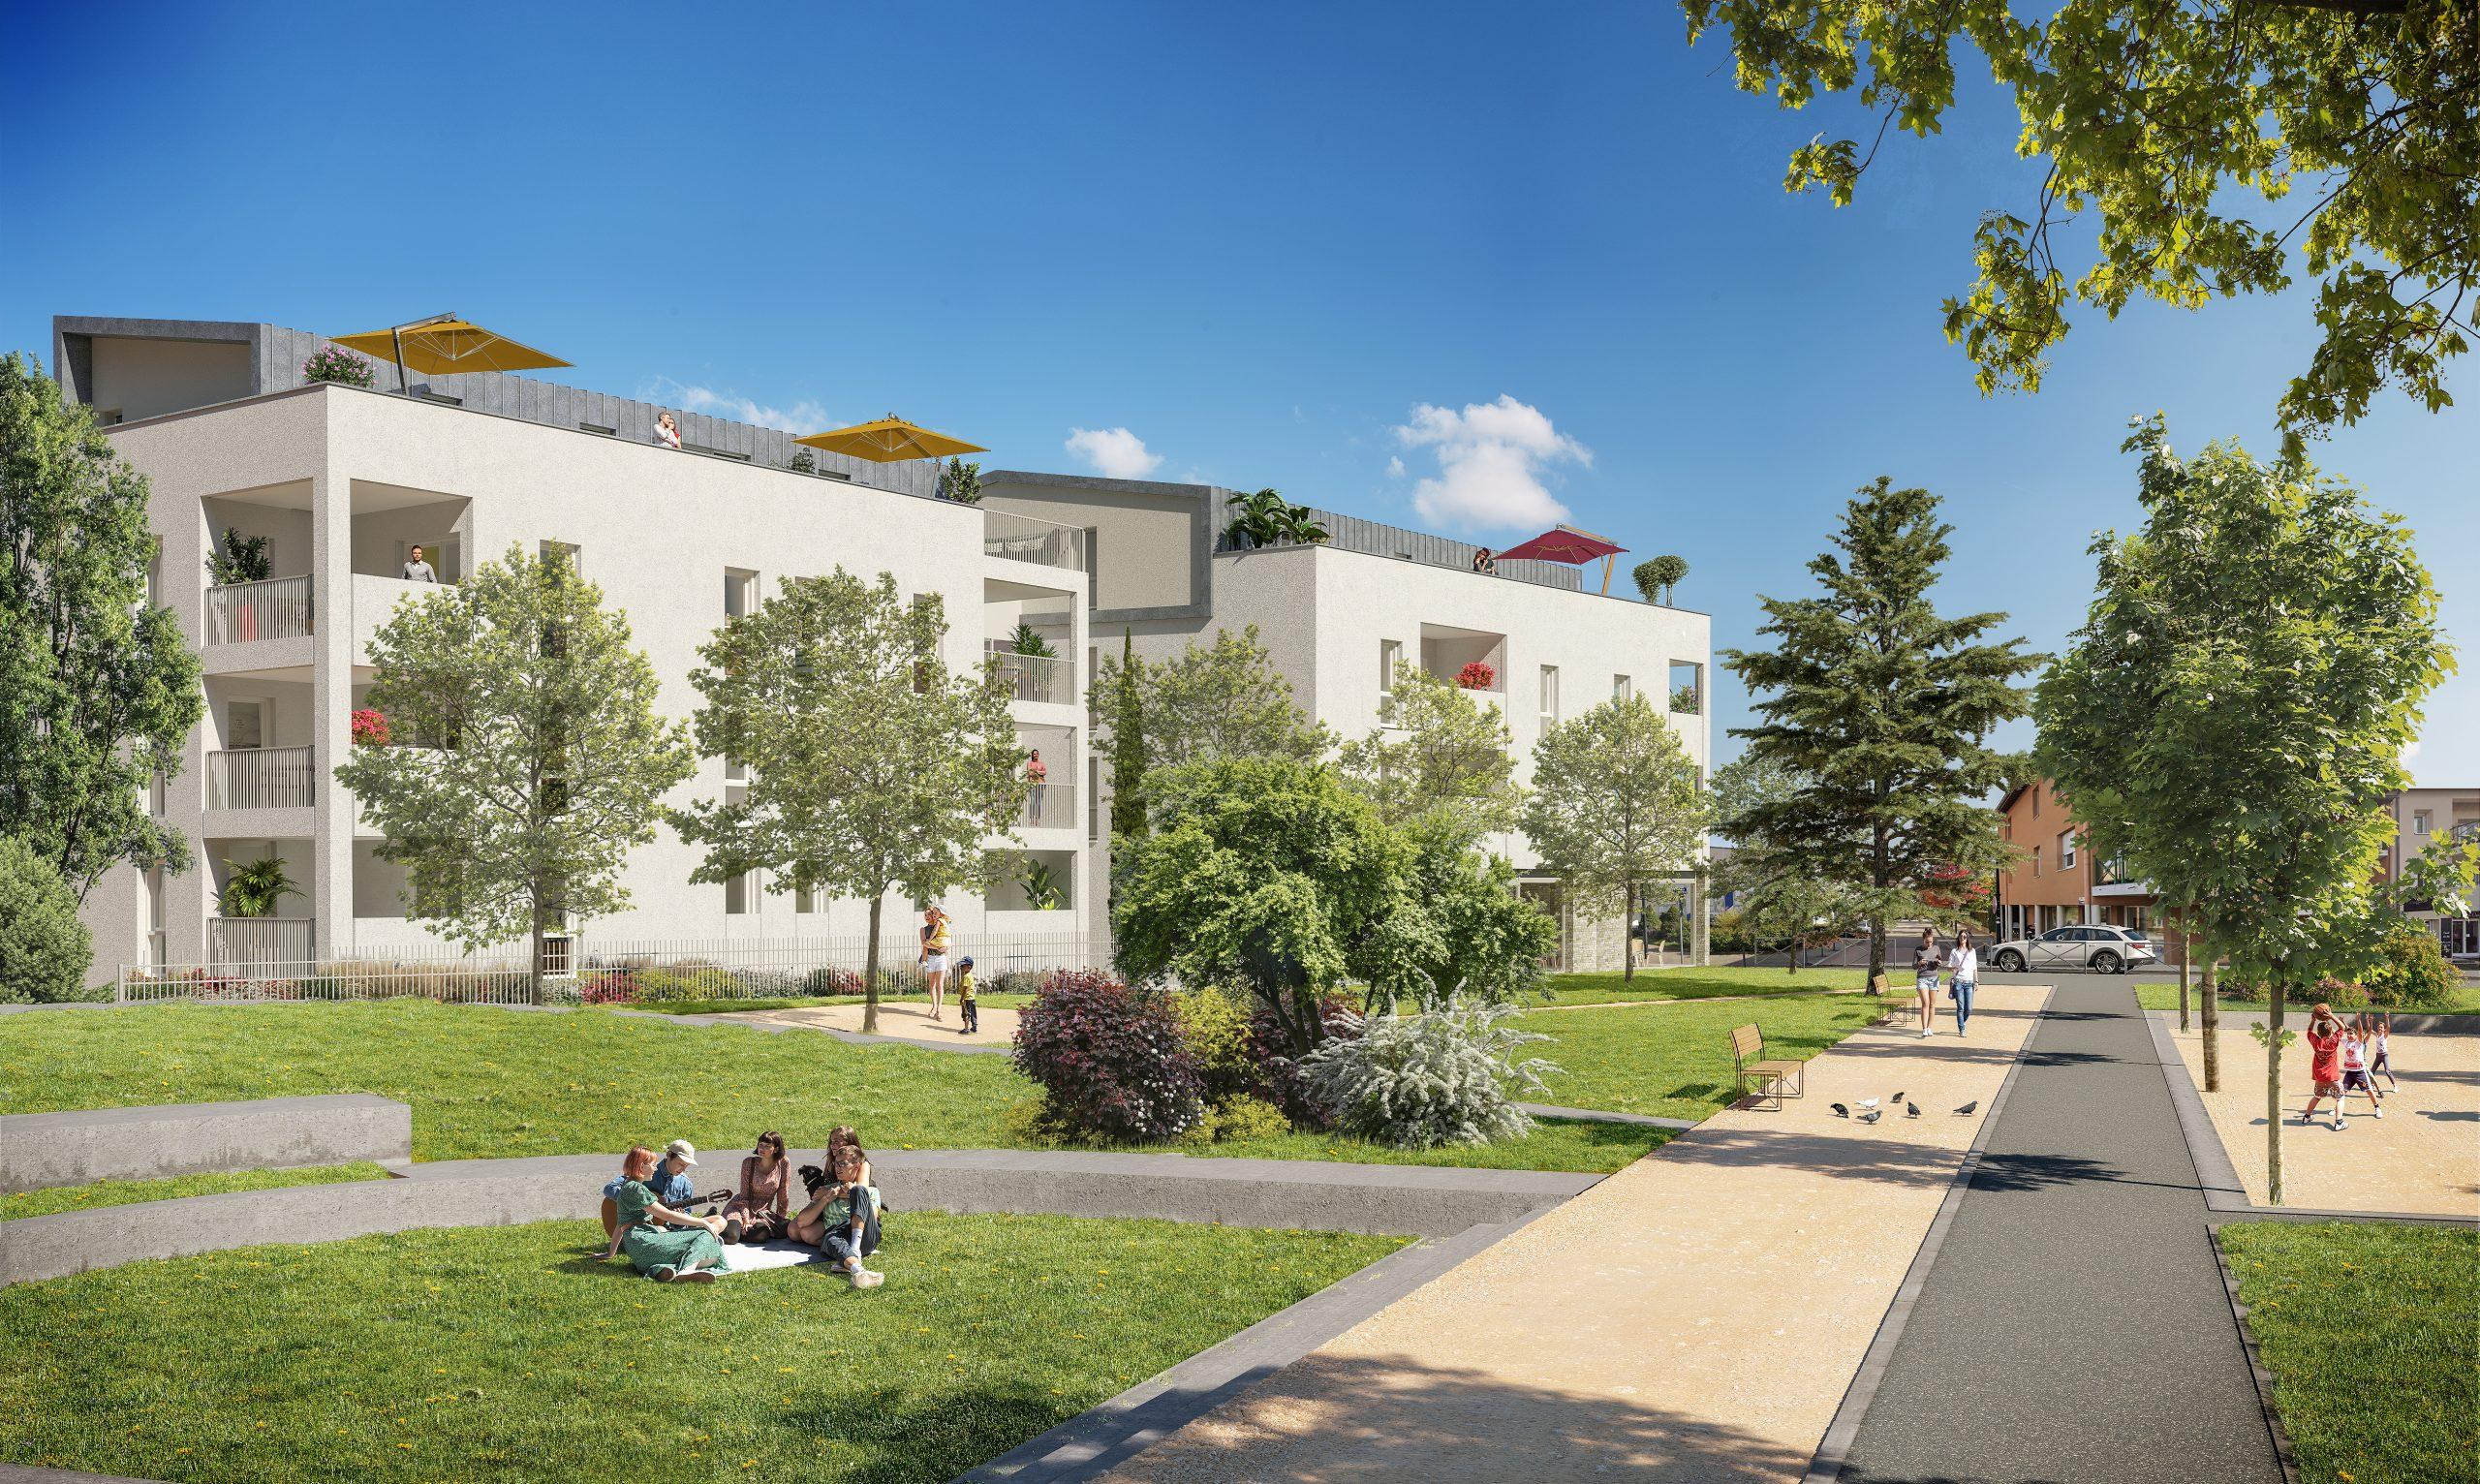 Programme immobilier ALT101 appartement à Saint Genis Les Ollieres (69290) En plein cœur de bourg